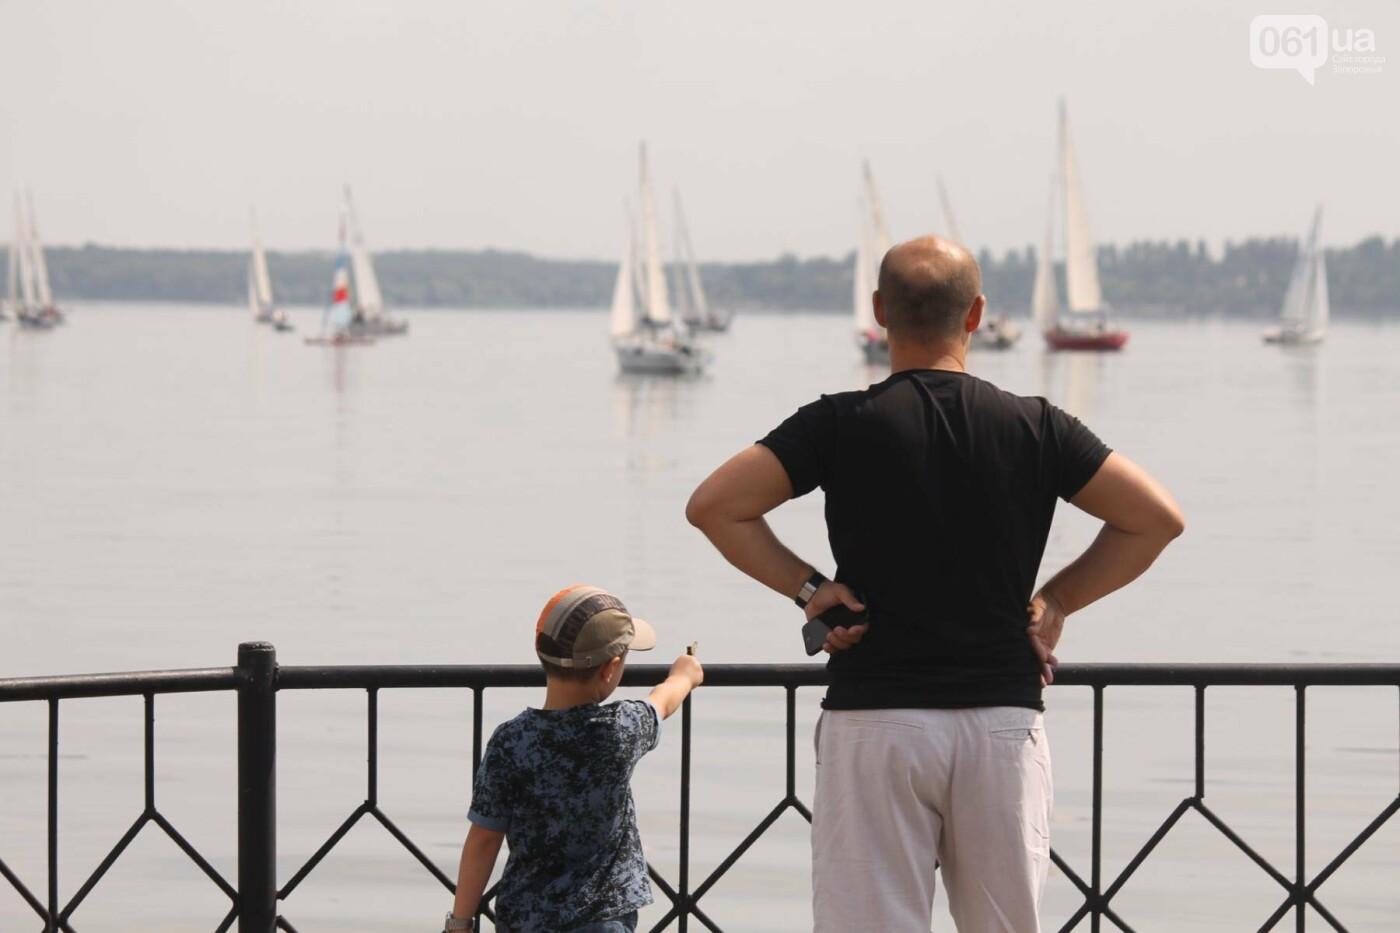 Сотни спортсменов и десятки яхт: как в Запорожье проходит парусная регата, – ФОТОРЕПОРТАЖ, фото-19